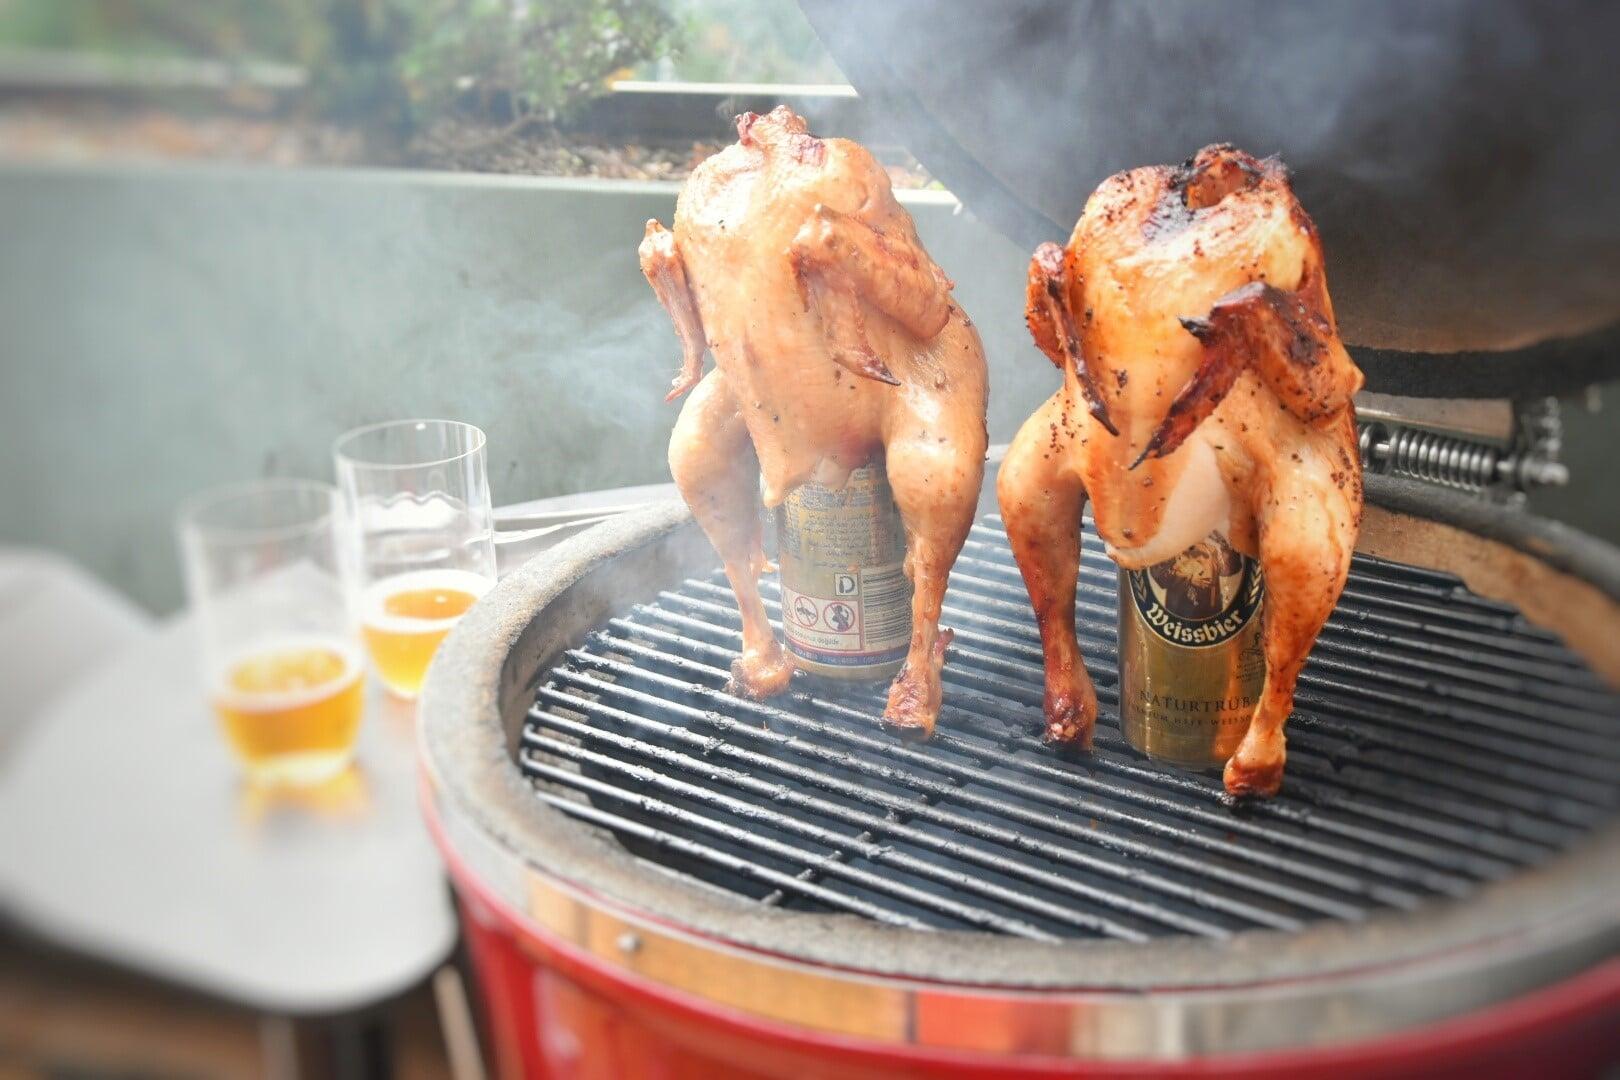 Beerbutt chicken, il pollo con la birra nel sedere